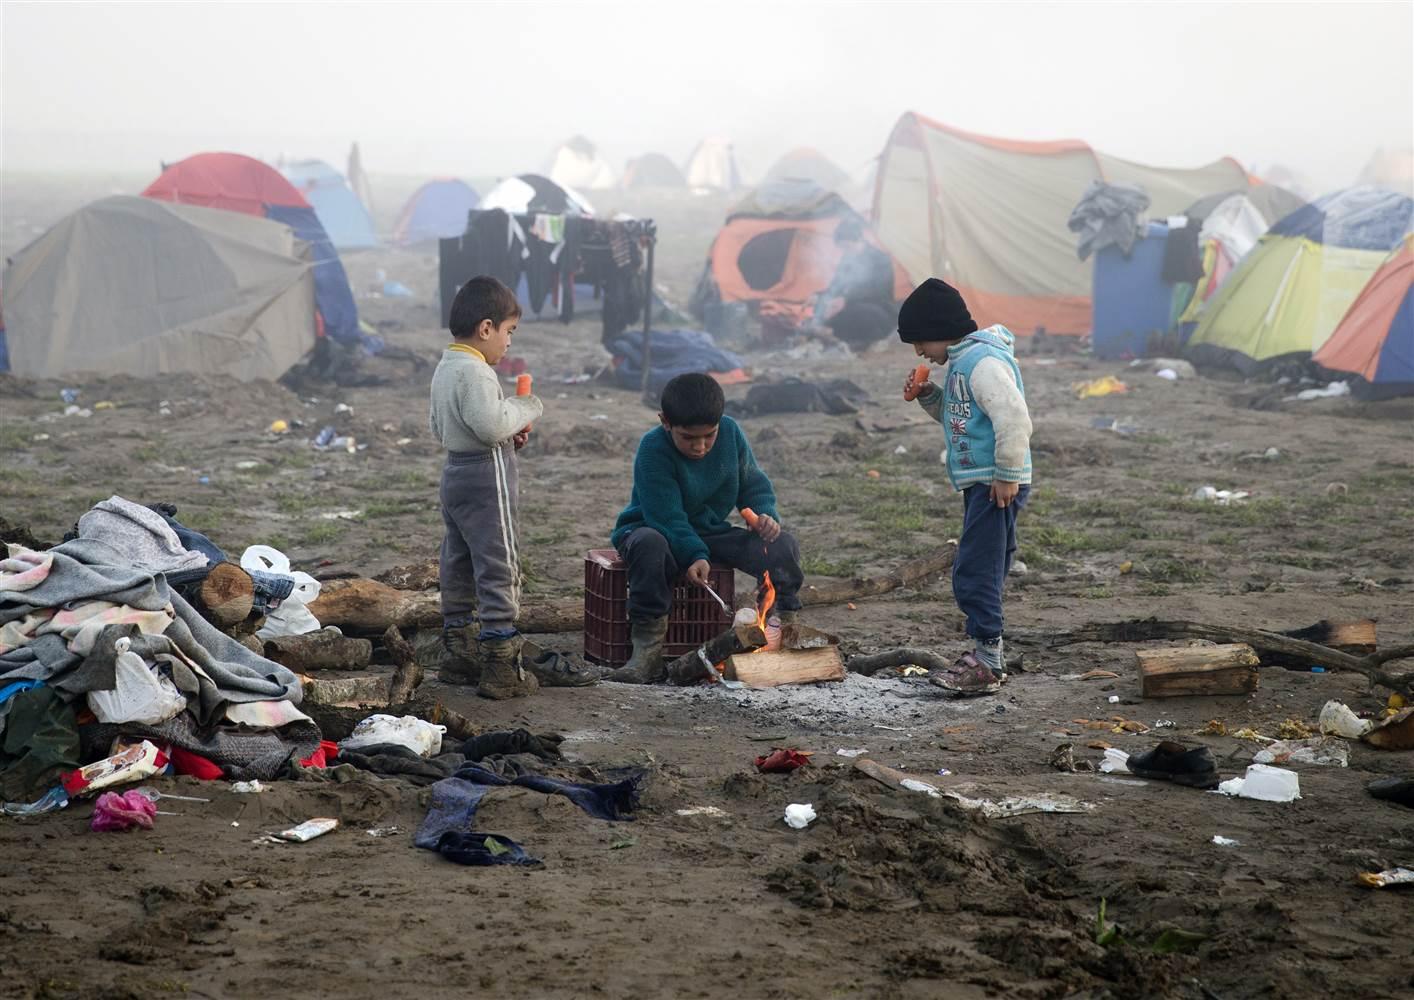 Interrogazione urgente alla Commissione sulla situazione a Idomeni